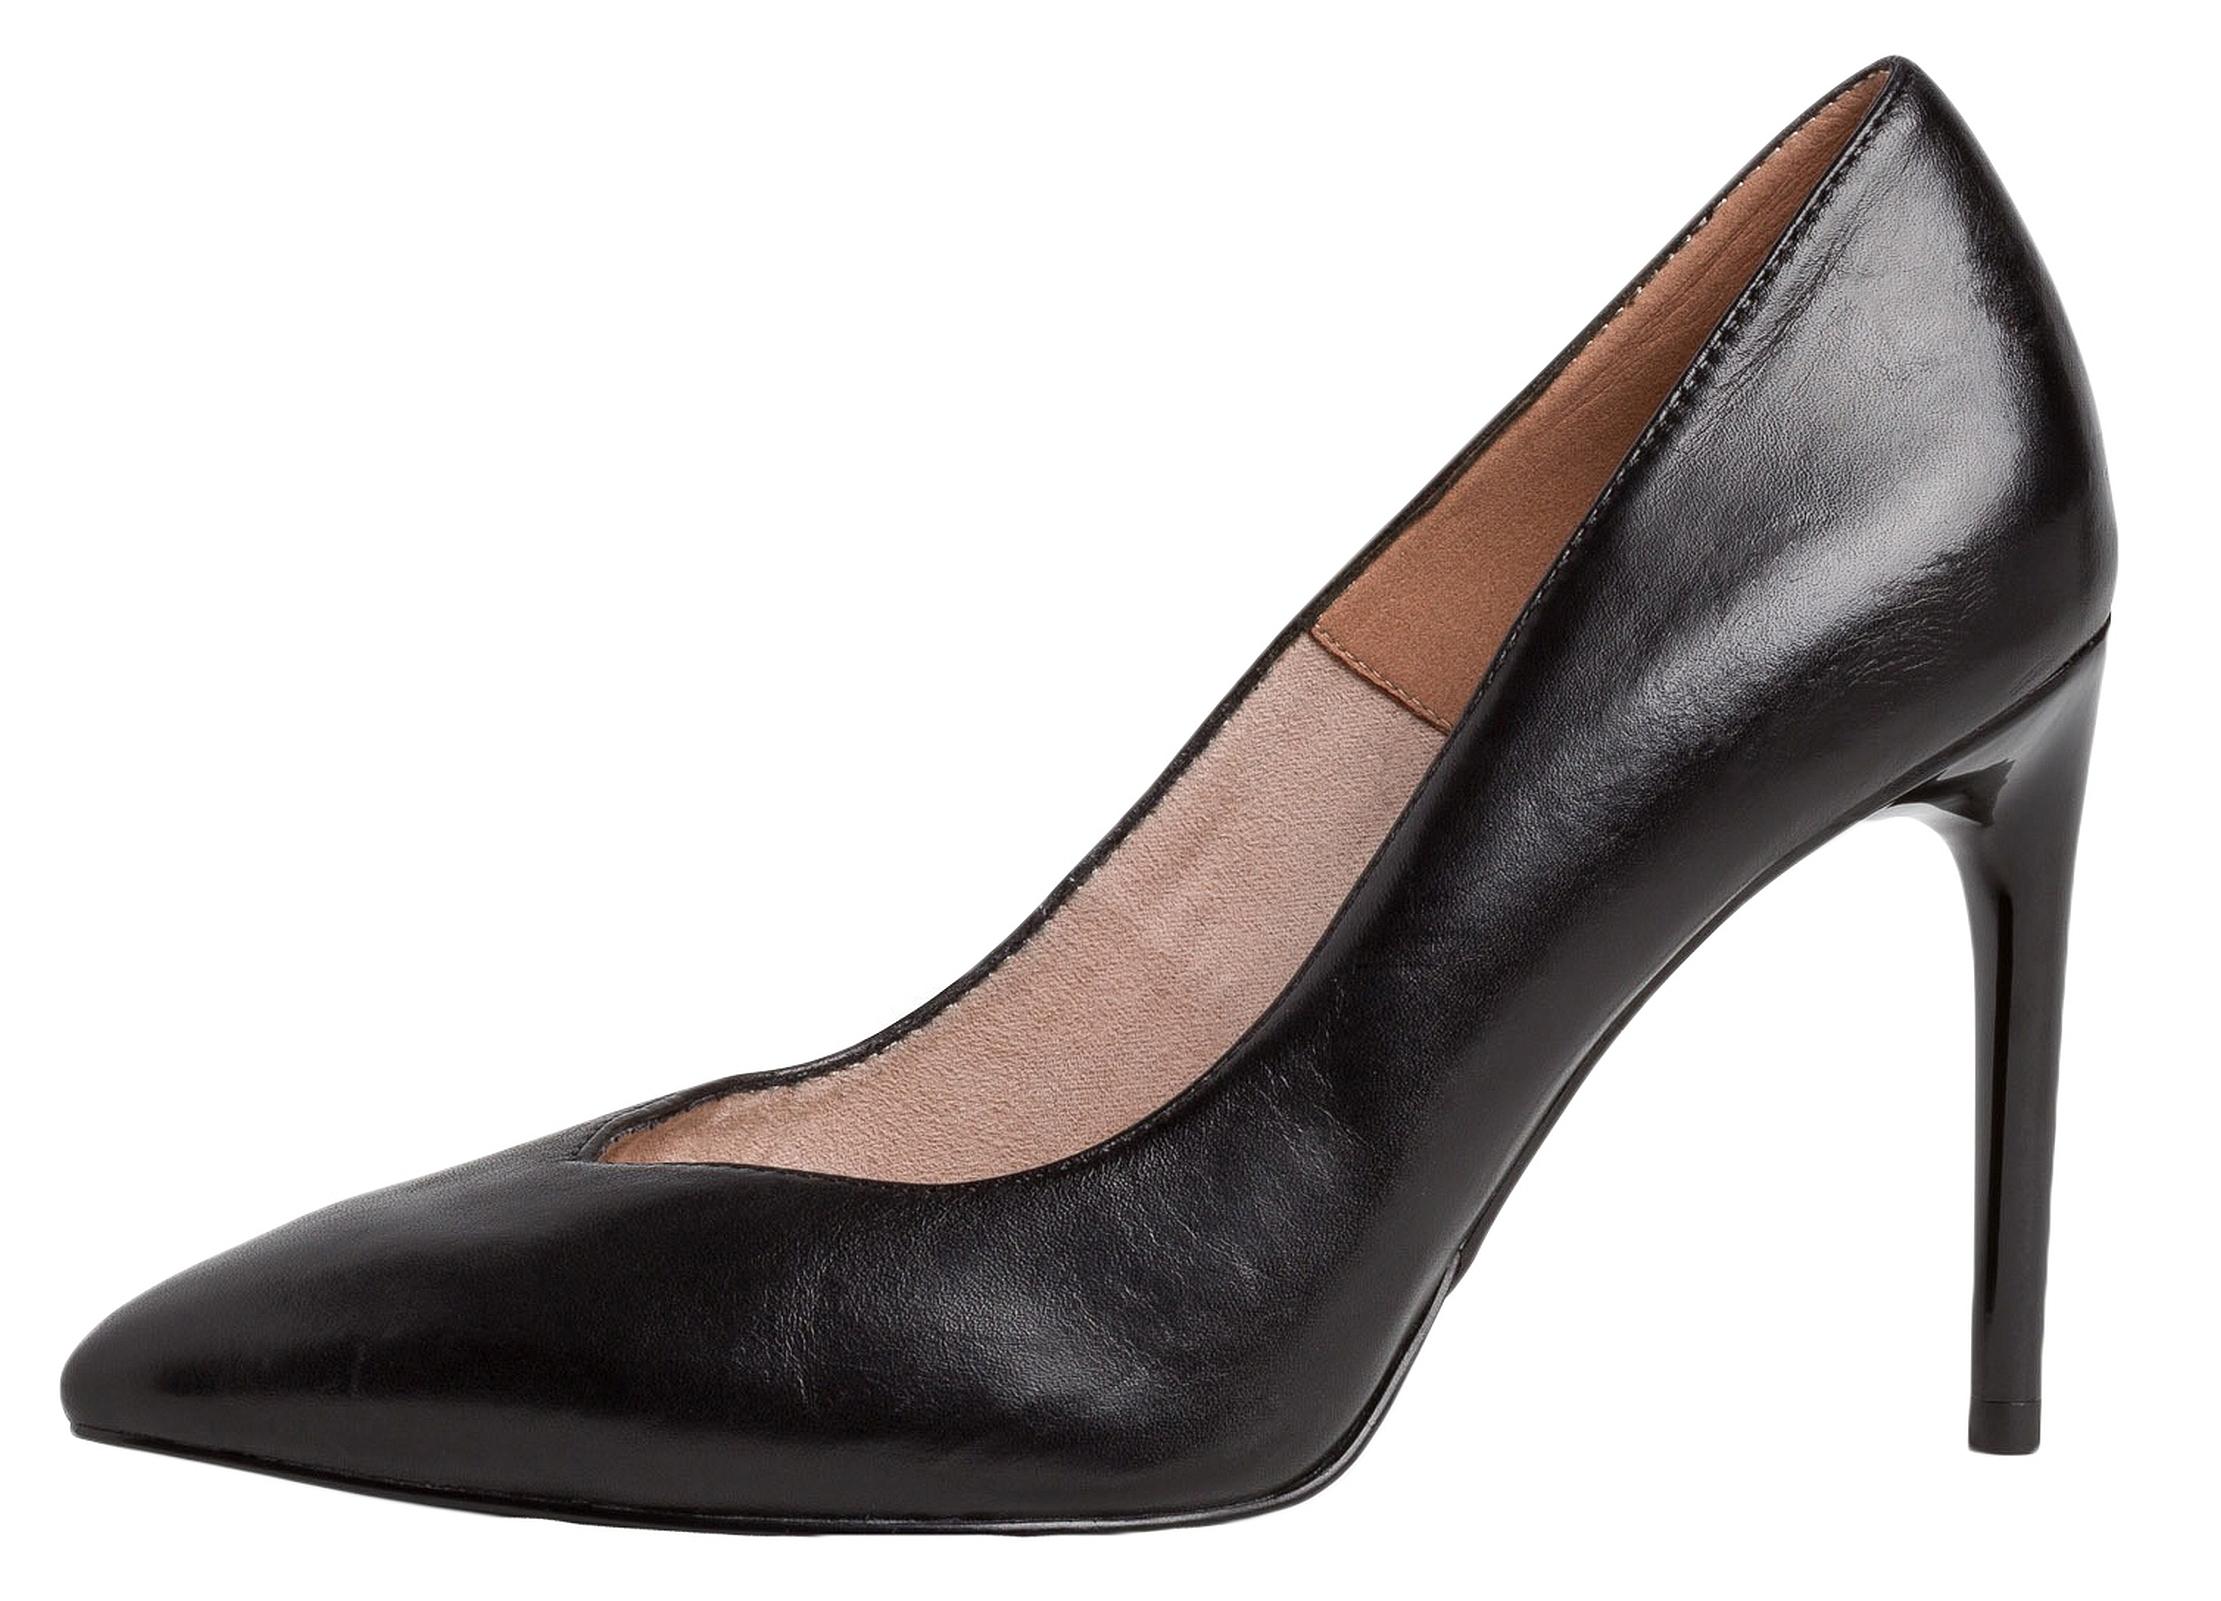 Tamaris Pumps, Stilettoabsatz, Leder, für Damen 003 black 38